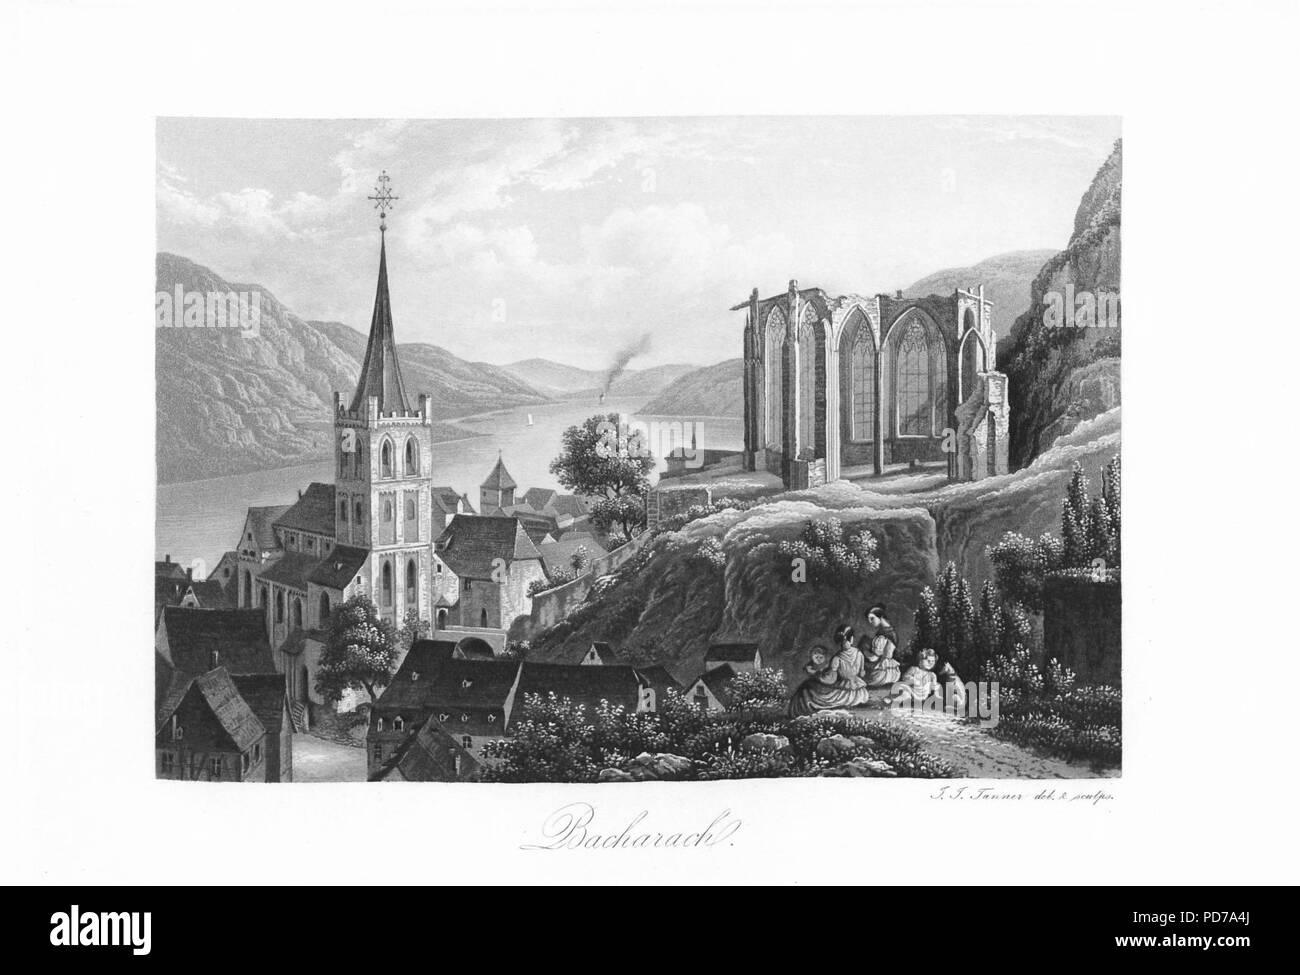 Andenken an den Rhein (1840) 009. - Stock Image